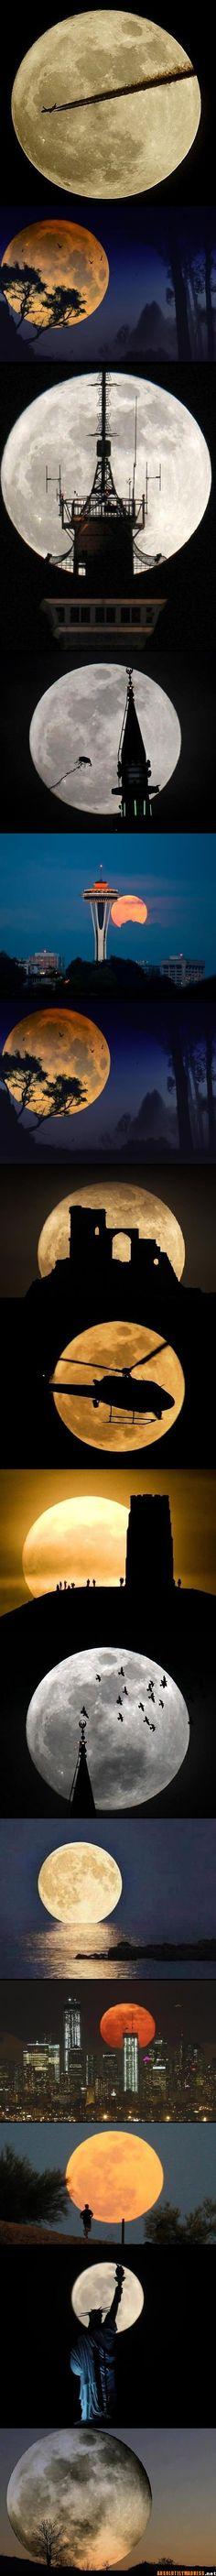 moonshots la luna, super moon, art, 2012, beauti, supermoon, moon shot, moonlight, photographi